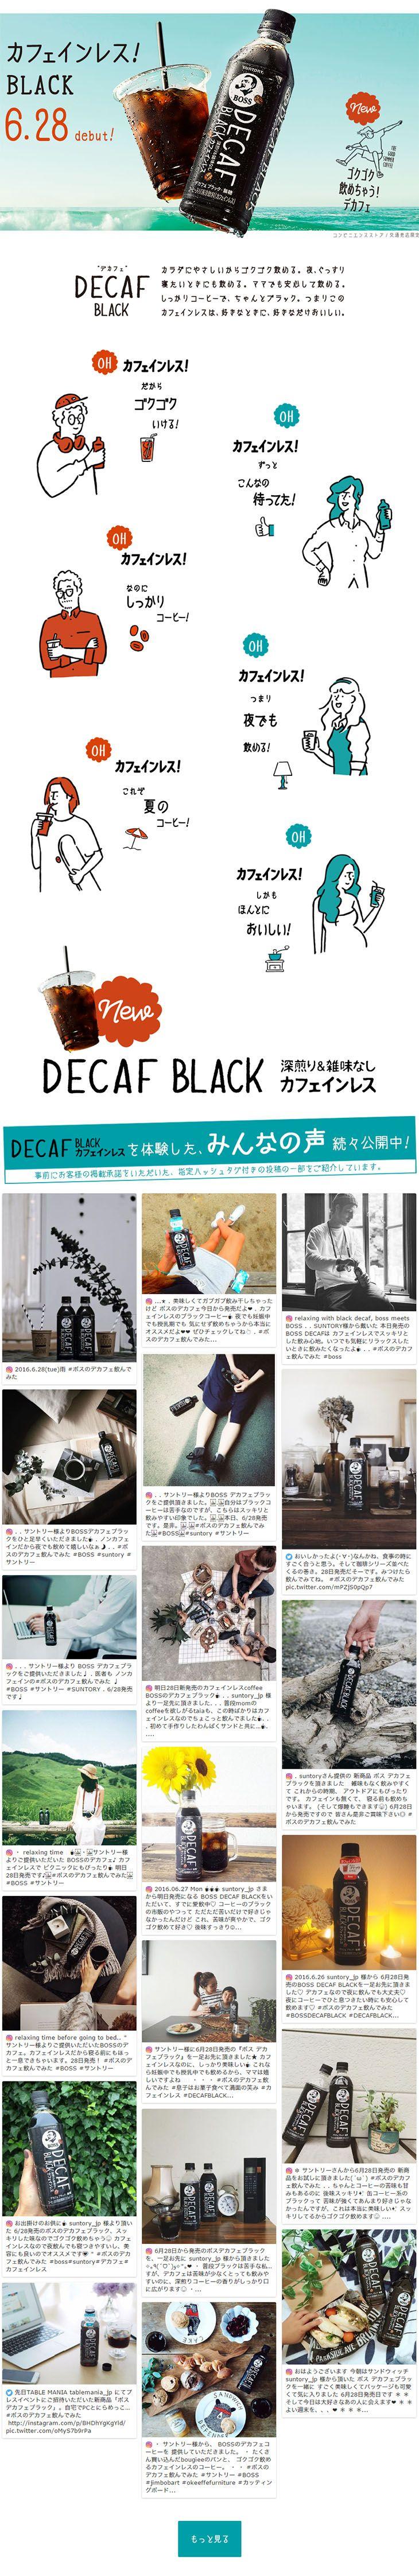 DECAF BLACK【飲料・お酒関連】のLPデザイン。WEBデザイナーさん必見!ランディングページのデザイン参考に(シンプル系)